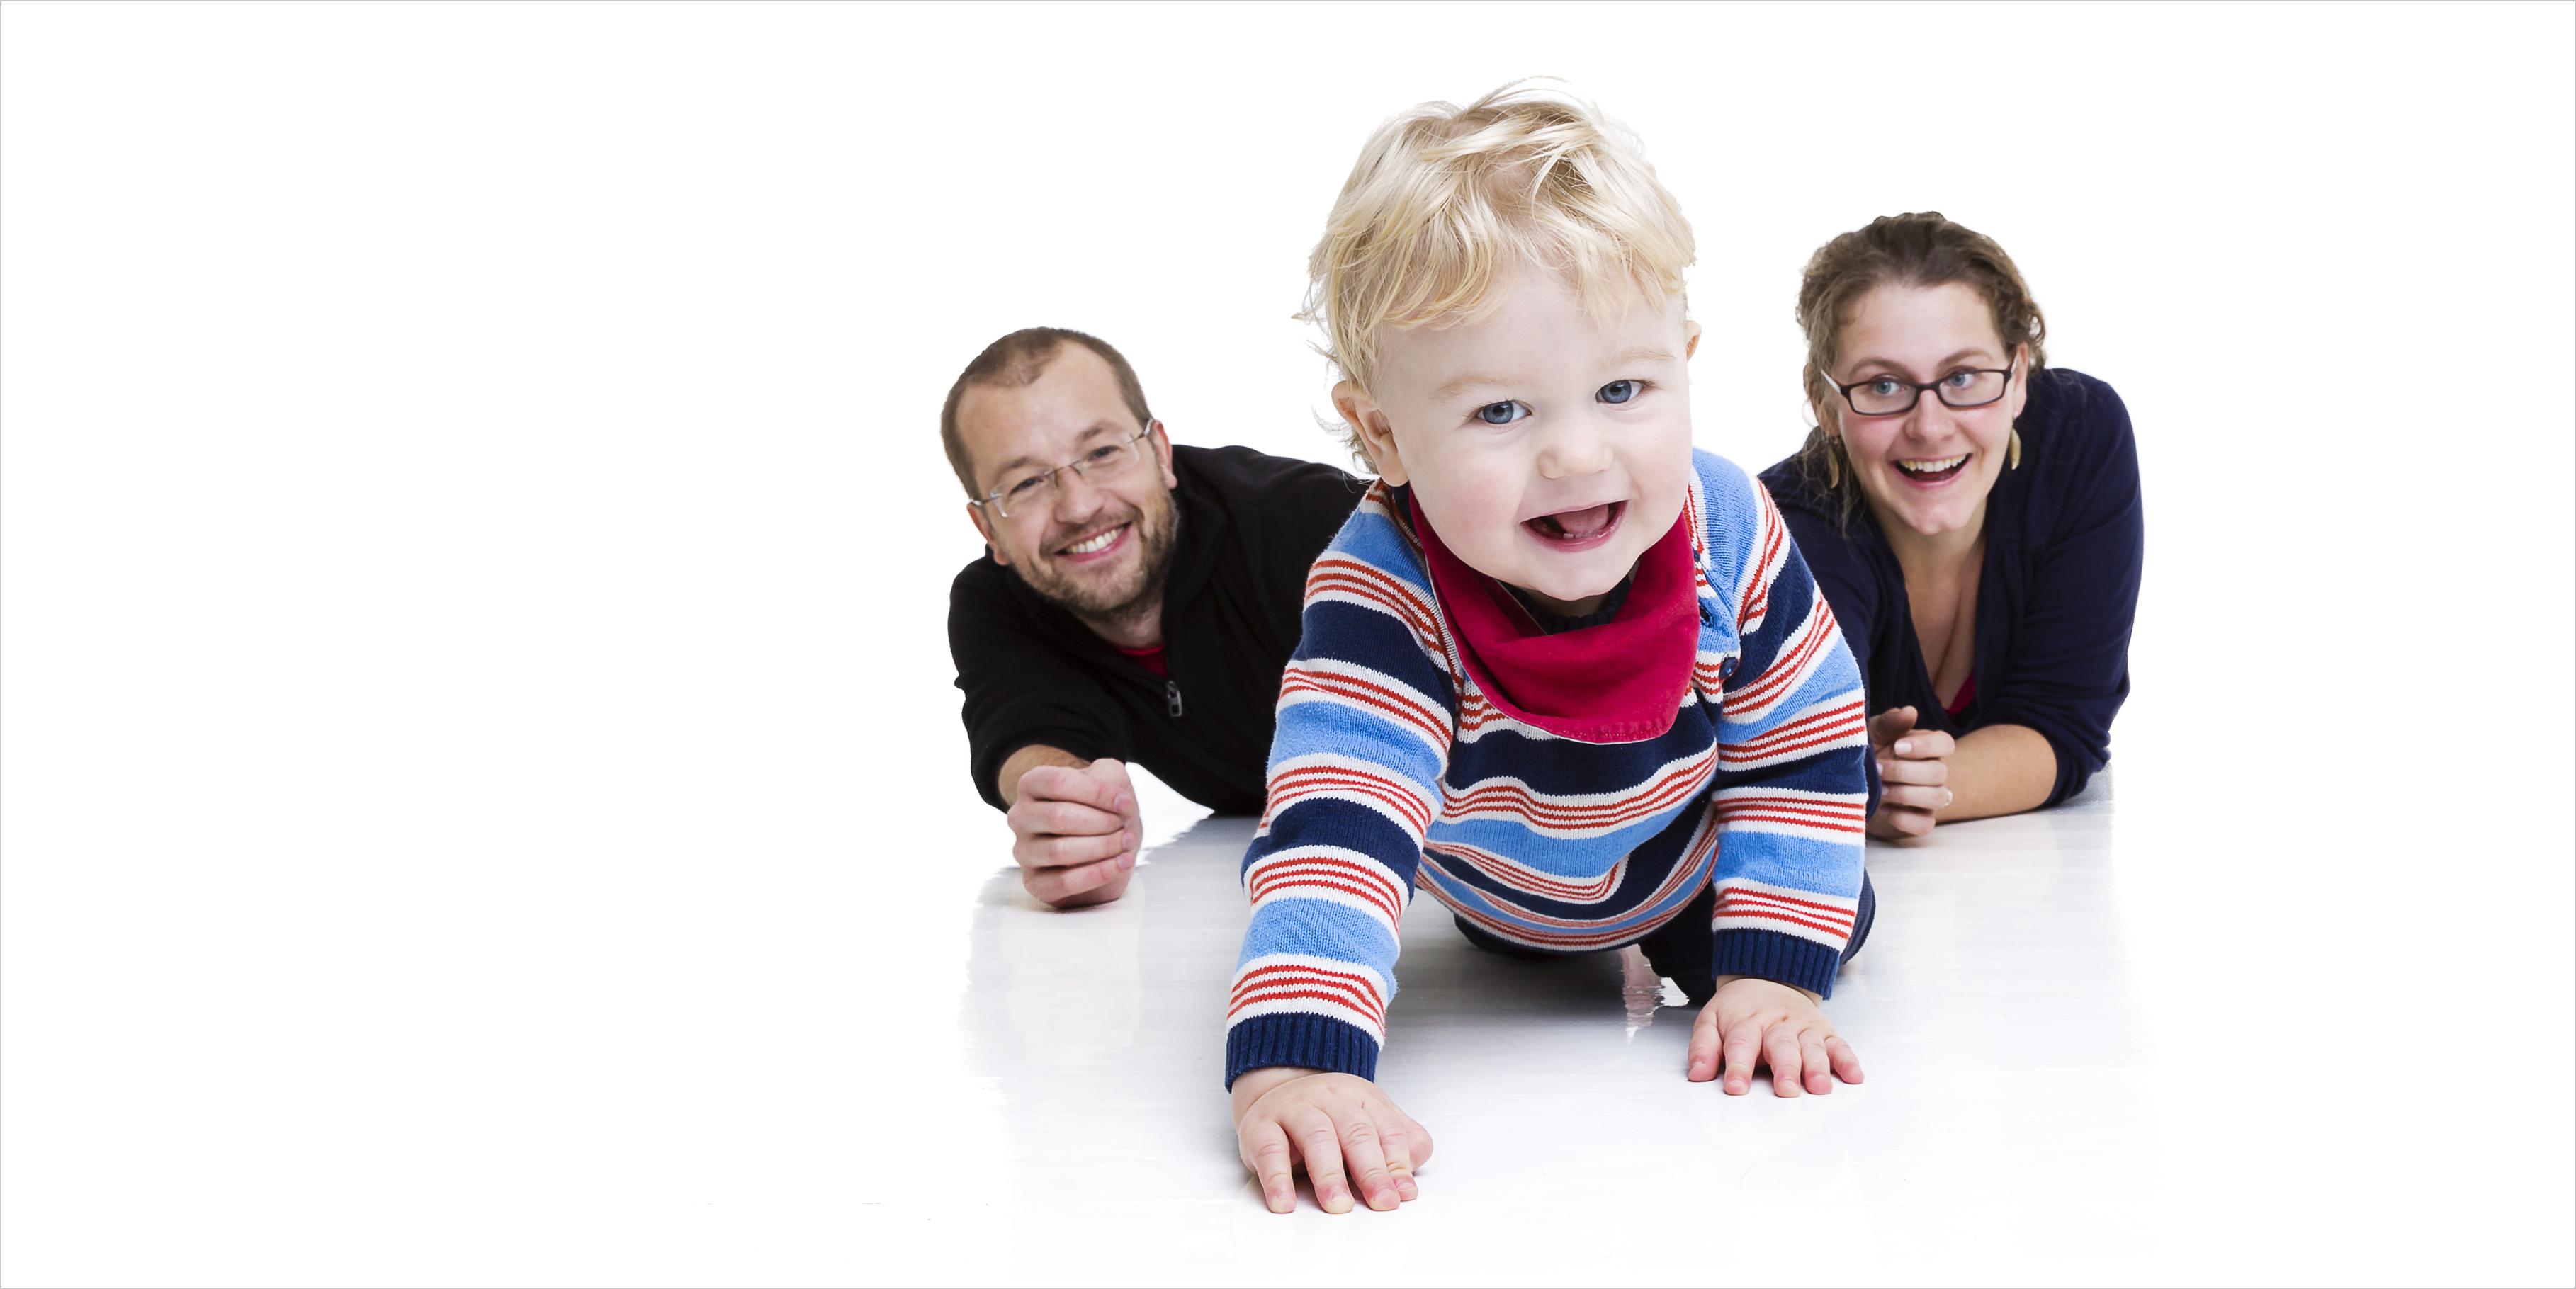 Babyfotografie Portrait mit den Eltern auf dem Boden